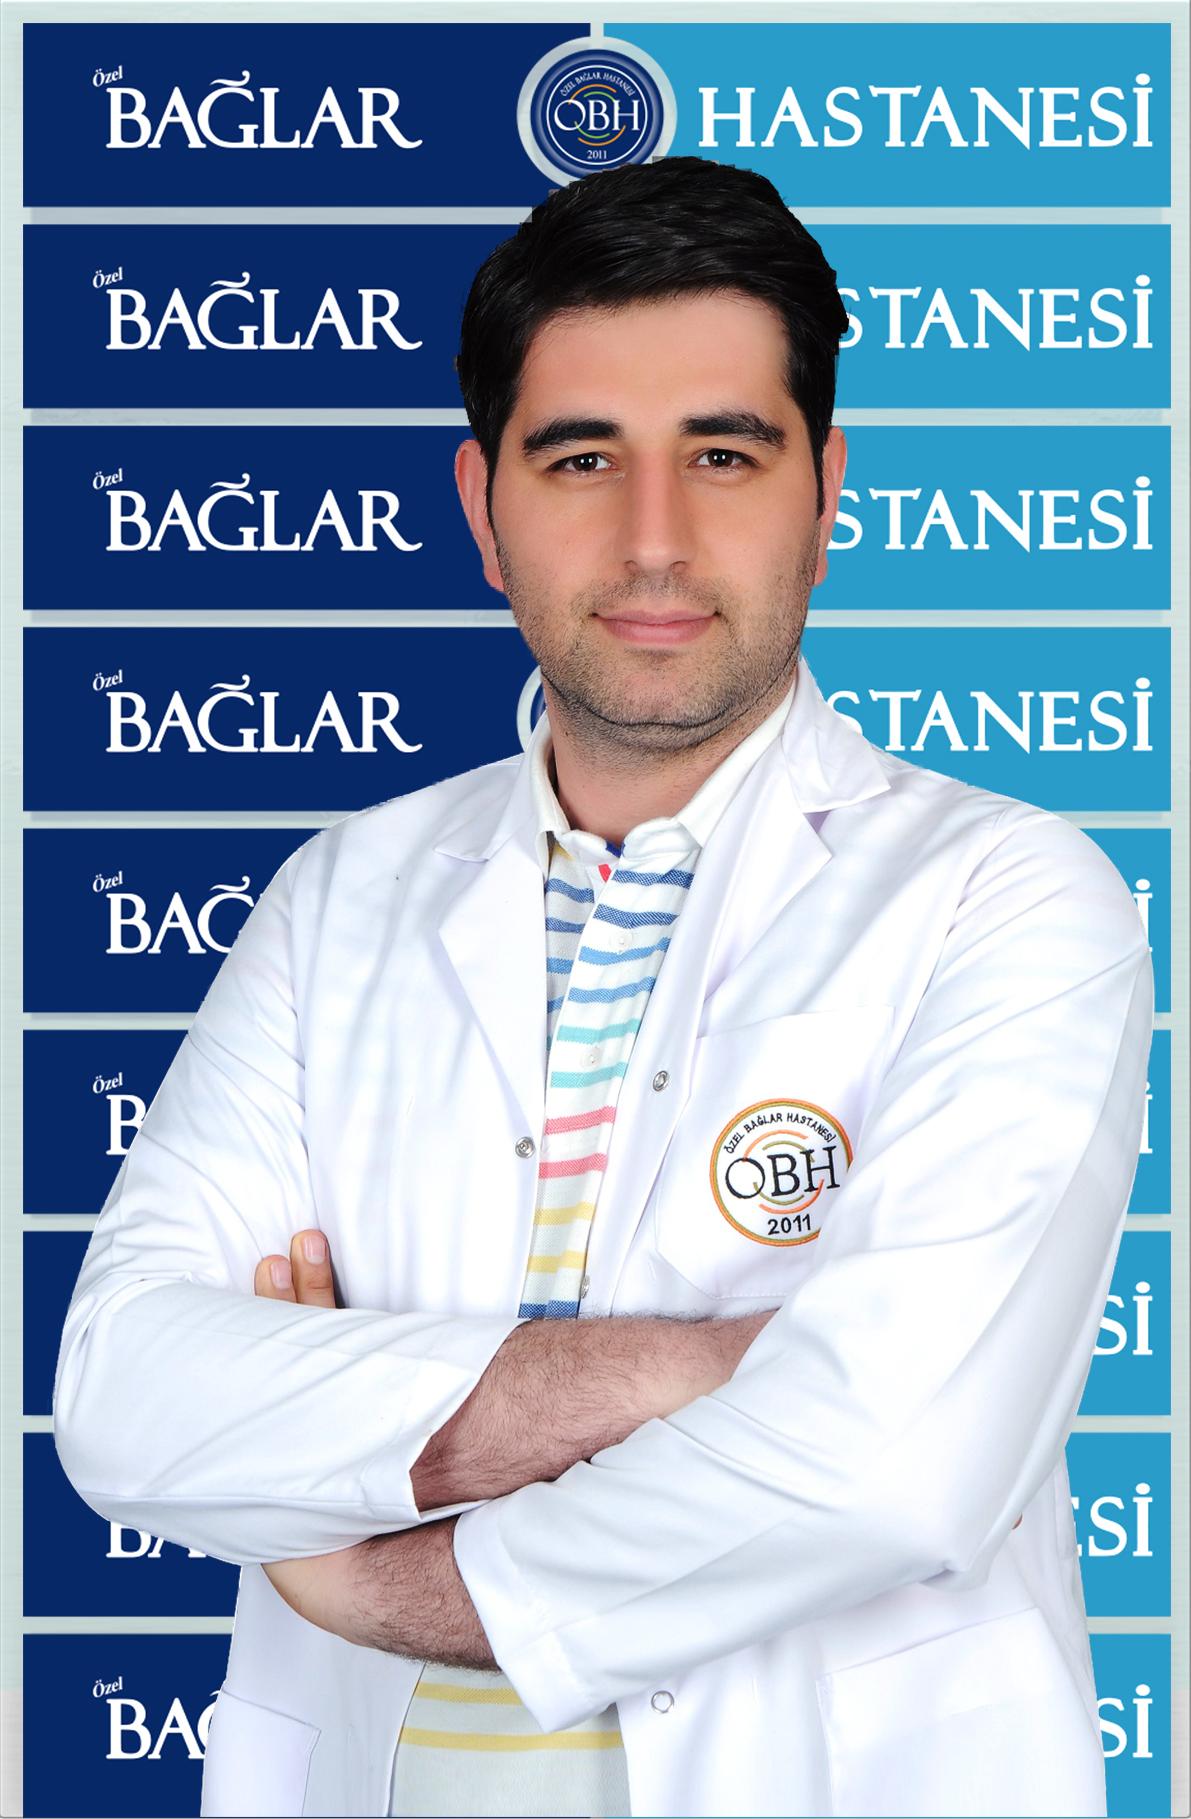 Dr. Mırnaeım Mırhajı Babazadehtasouj Web